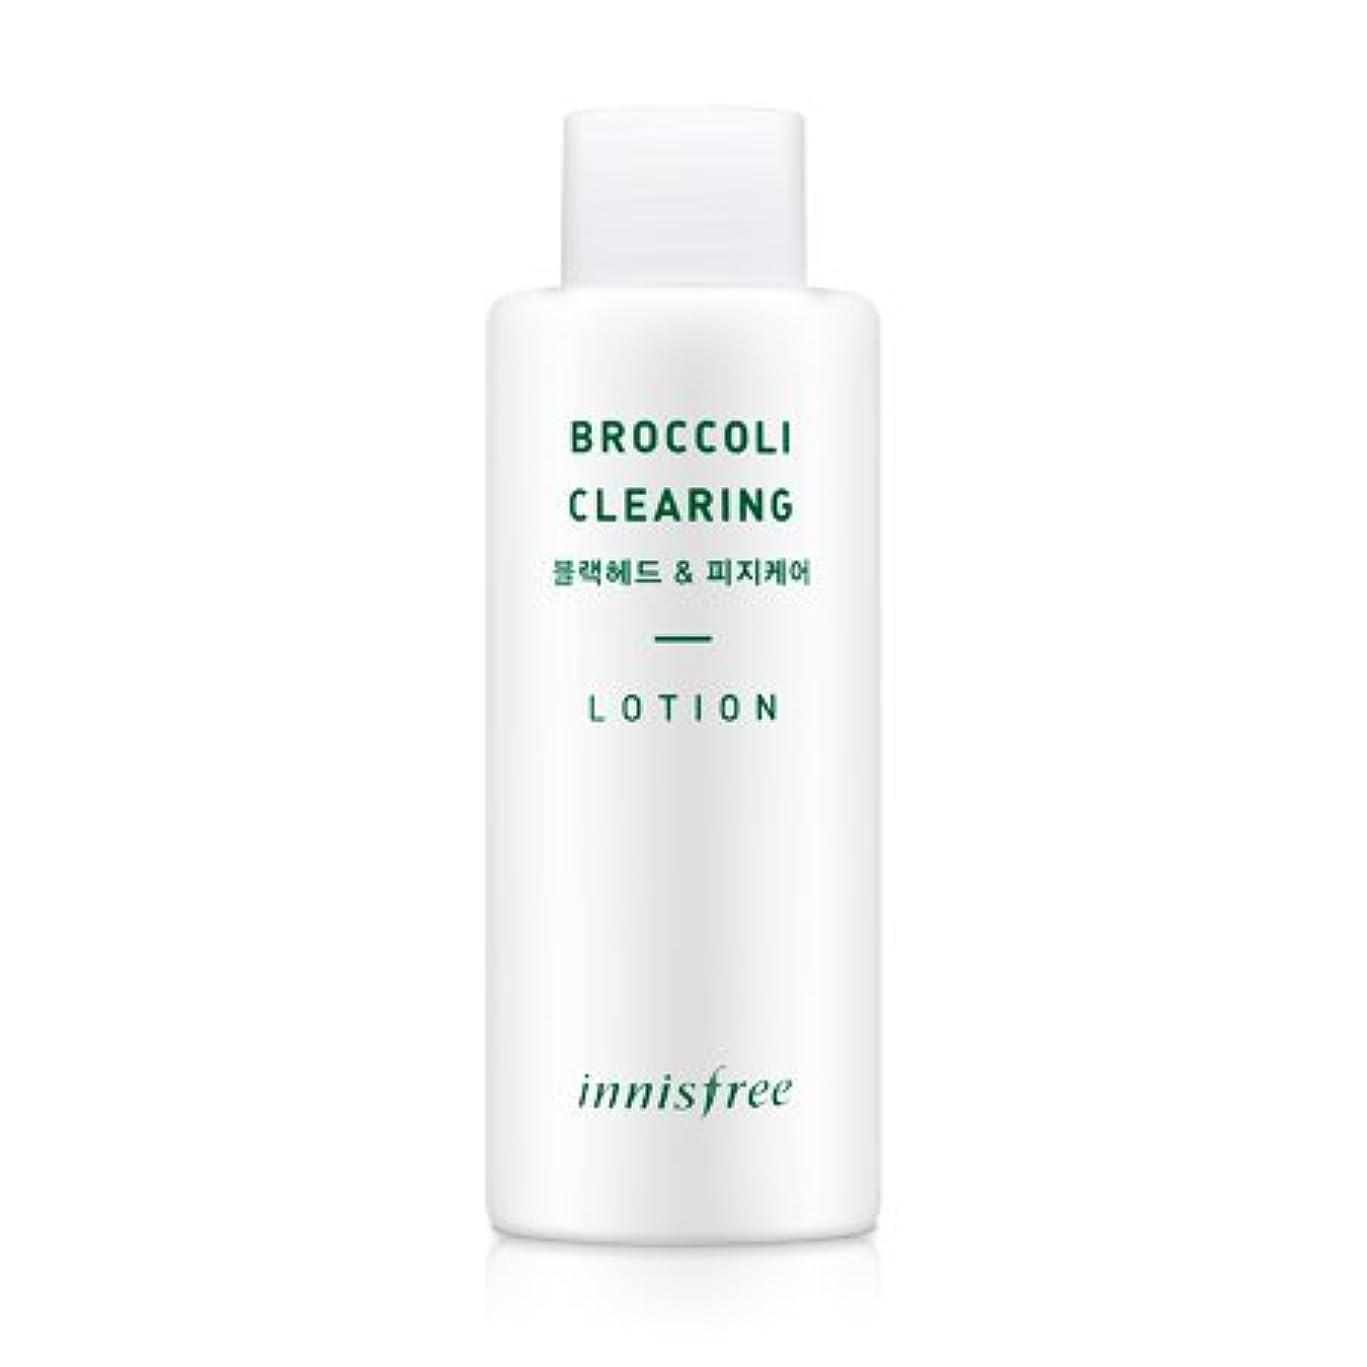 モザイク放課後口述する[innisfree(イニスフリー)] Super food_ Broccoli clearing lotion (130ml) スーパーフード_ブロッコリー クリアリング?ローション[並行輸入品][海外直送品]